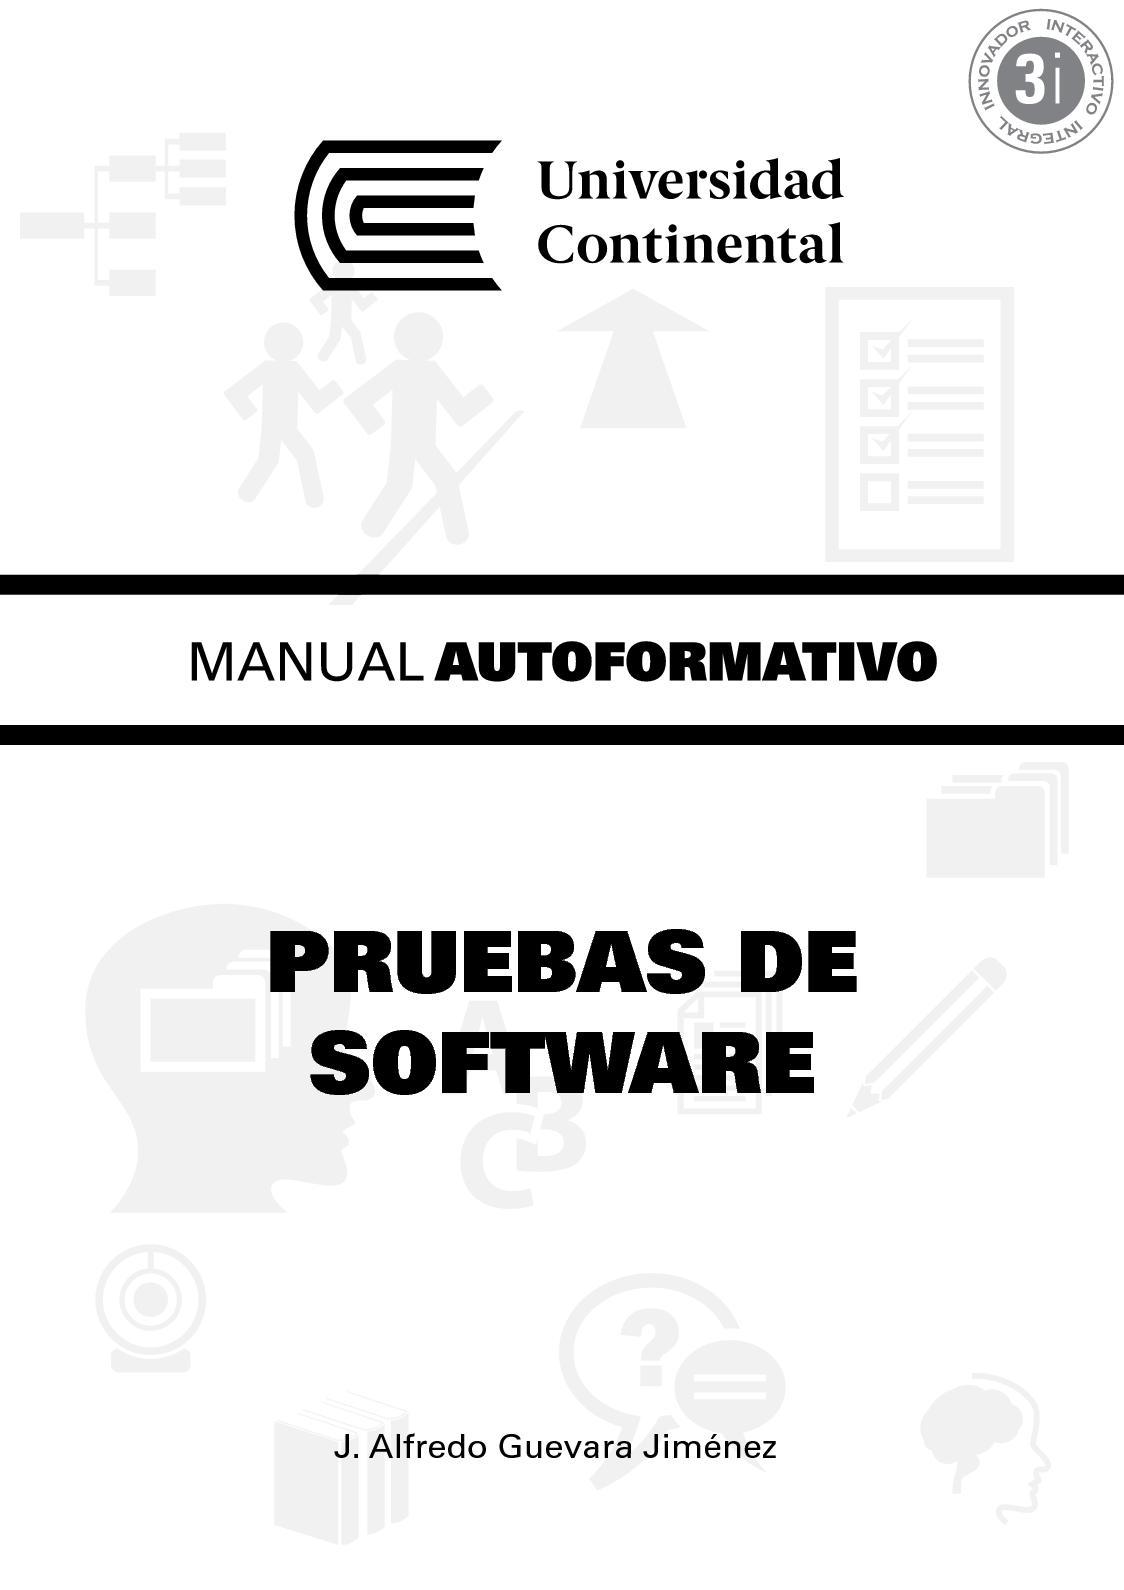 Calaméo - A0379 Pruebas de Software Ed1 V1 2017